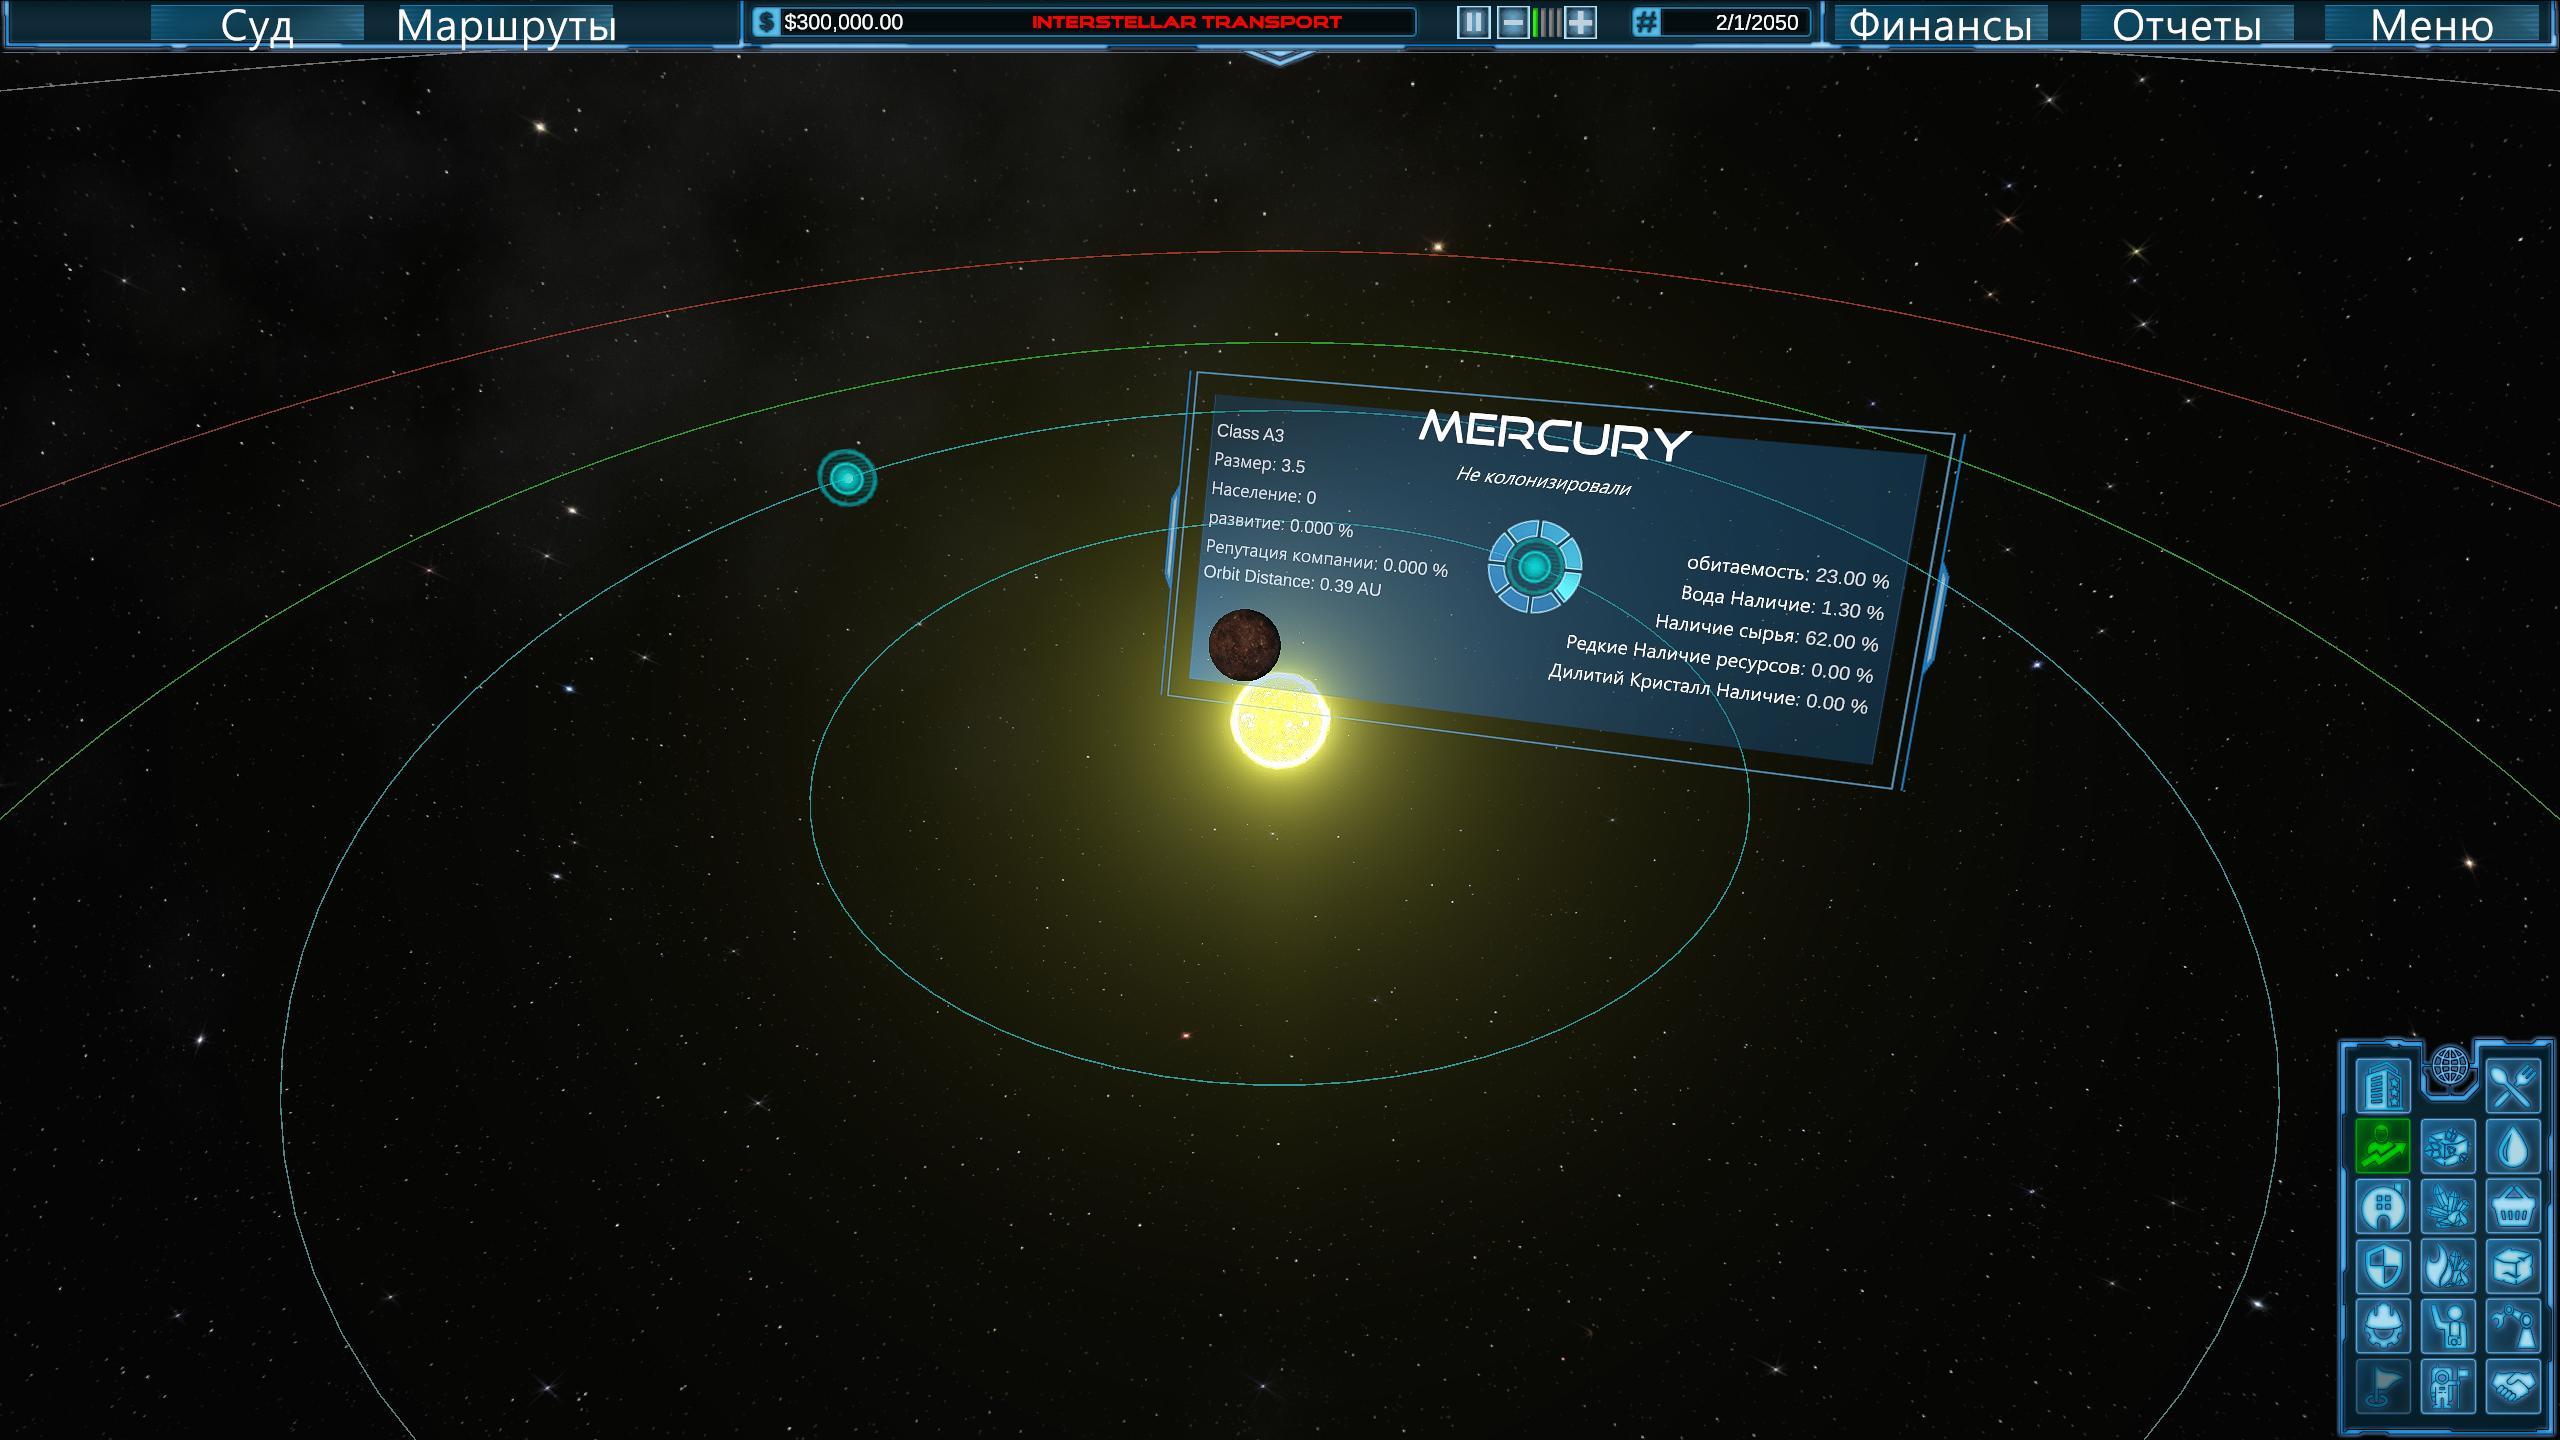 Скриншоты к Interstellar Transport Company v0.2.8 - полная версия